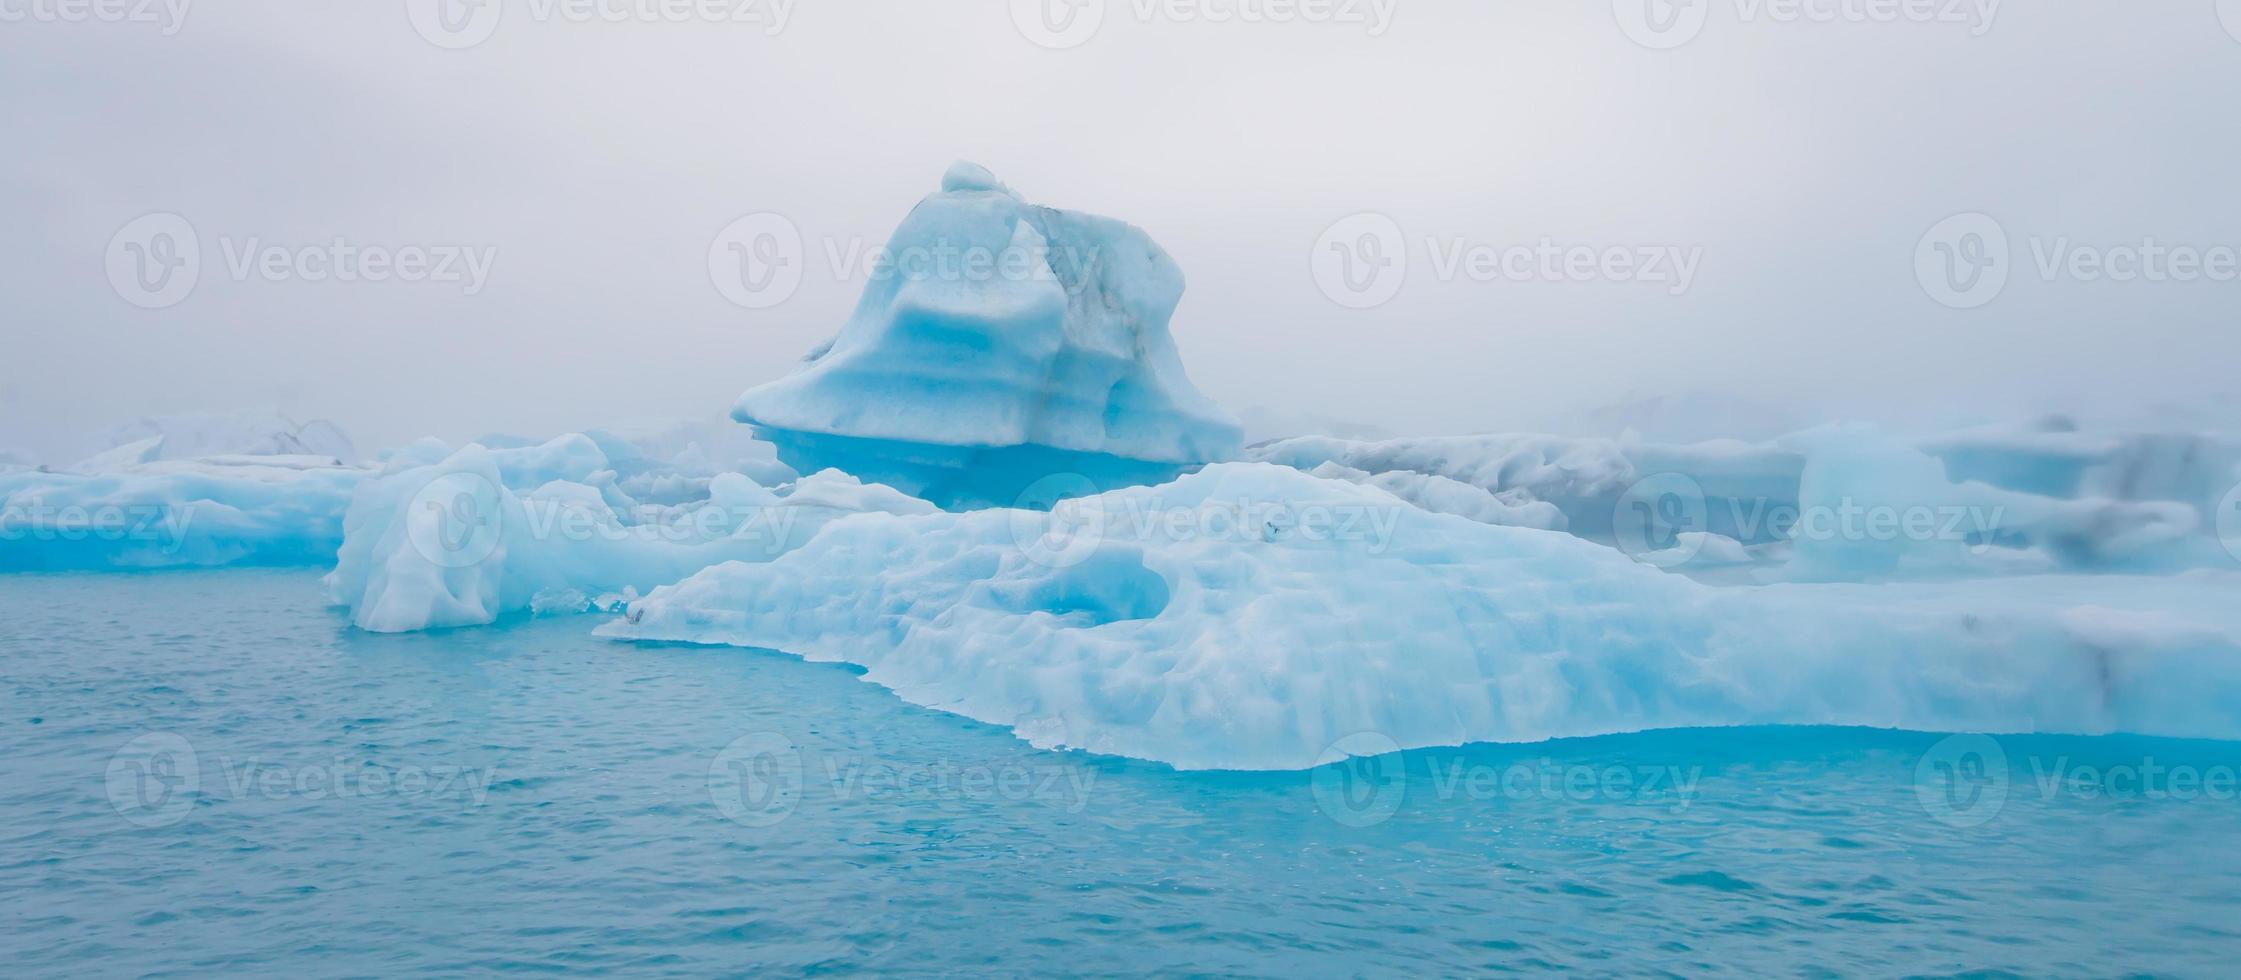 bella immagine vibrante del ghiacciaio islandese e della laguna glaciale con foto